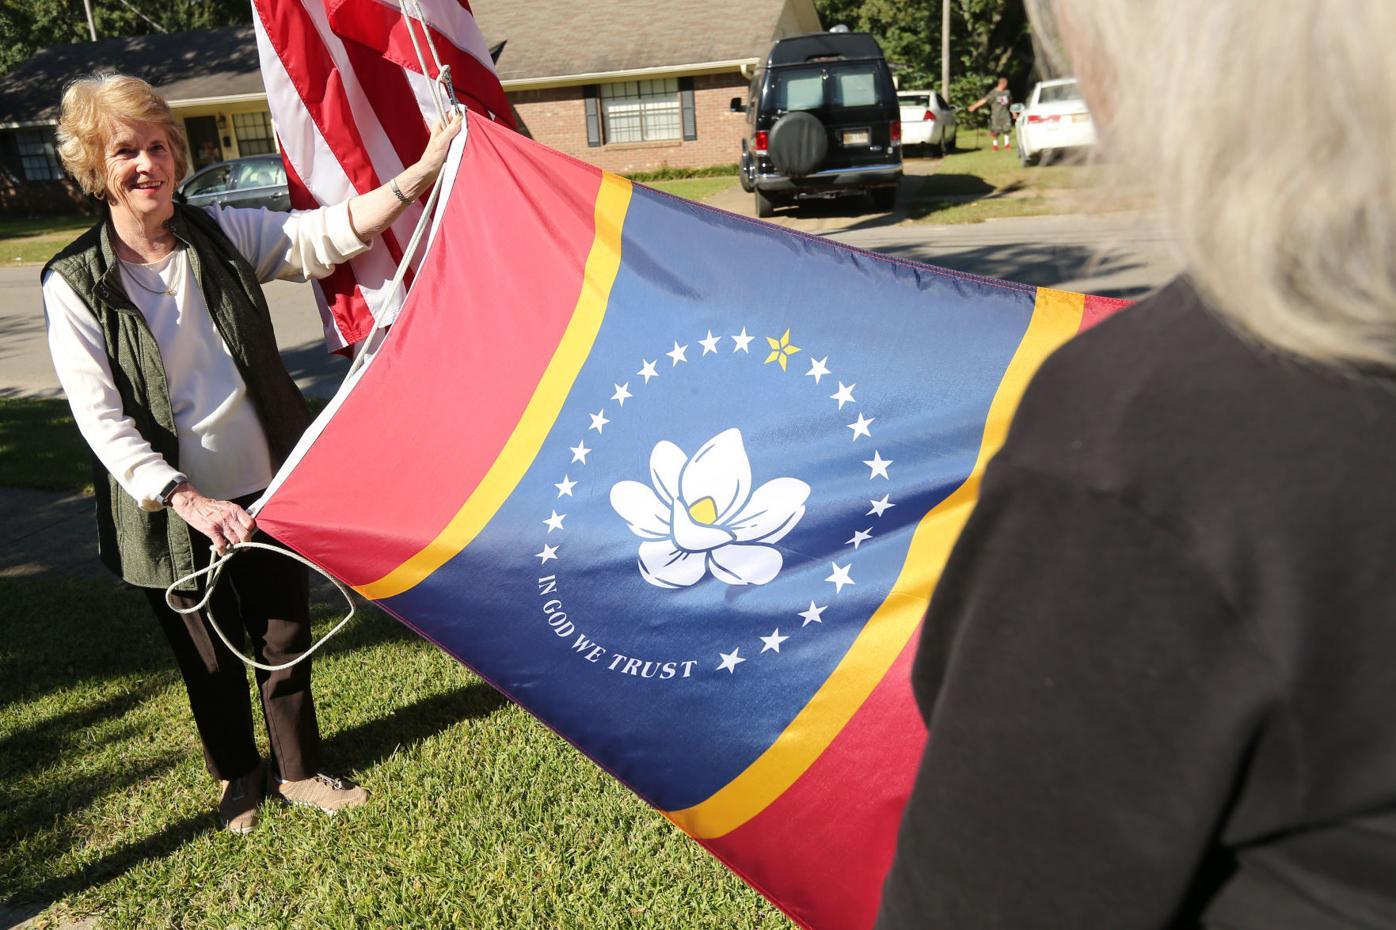 djr-2020-10-10-news-new-flag-arp2